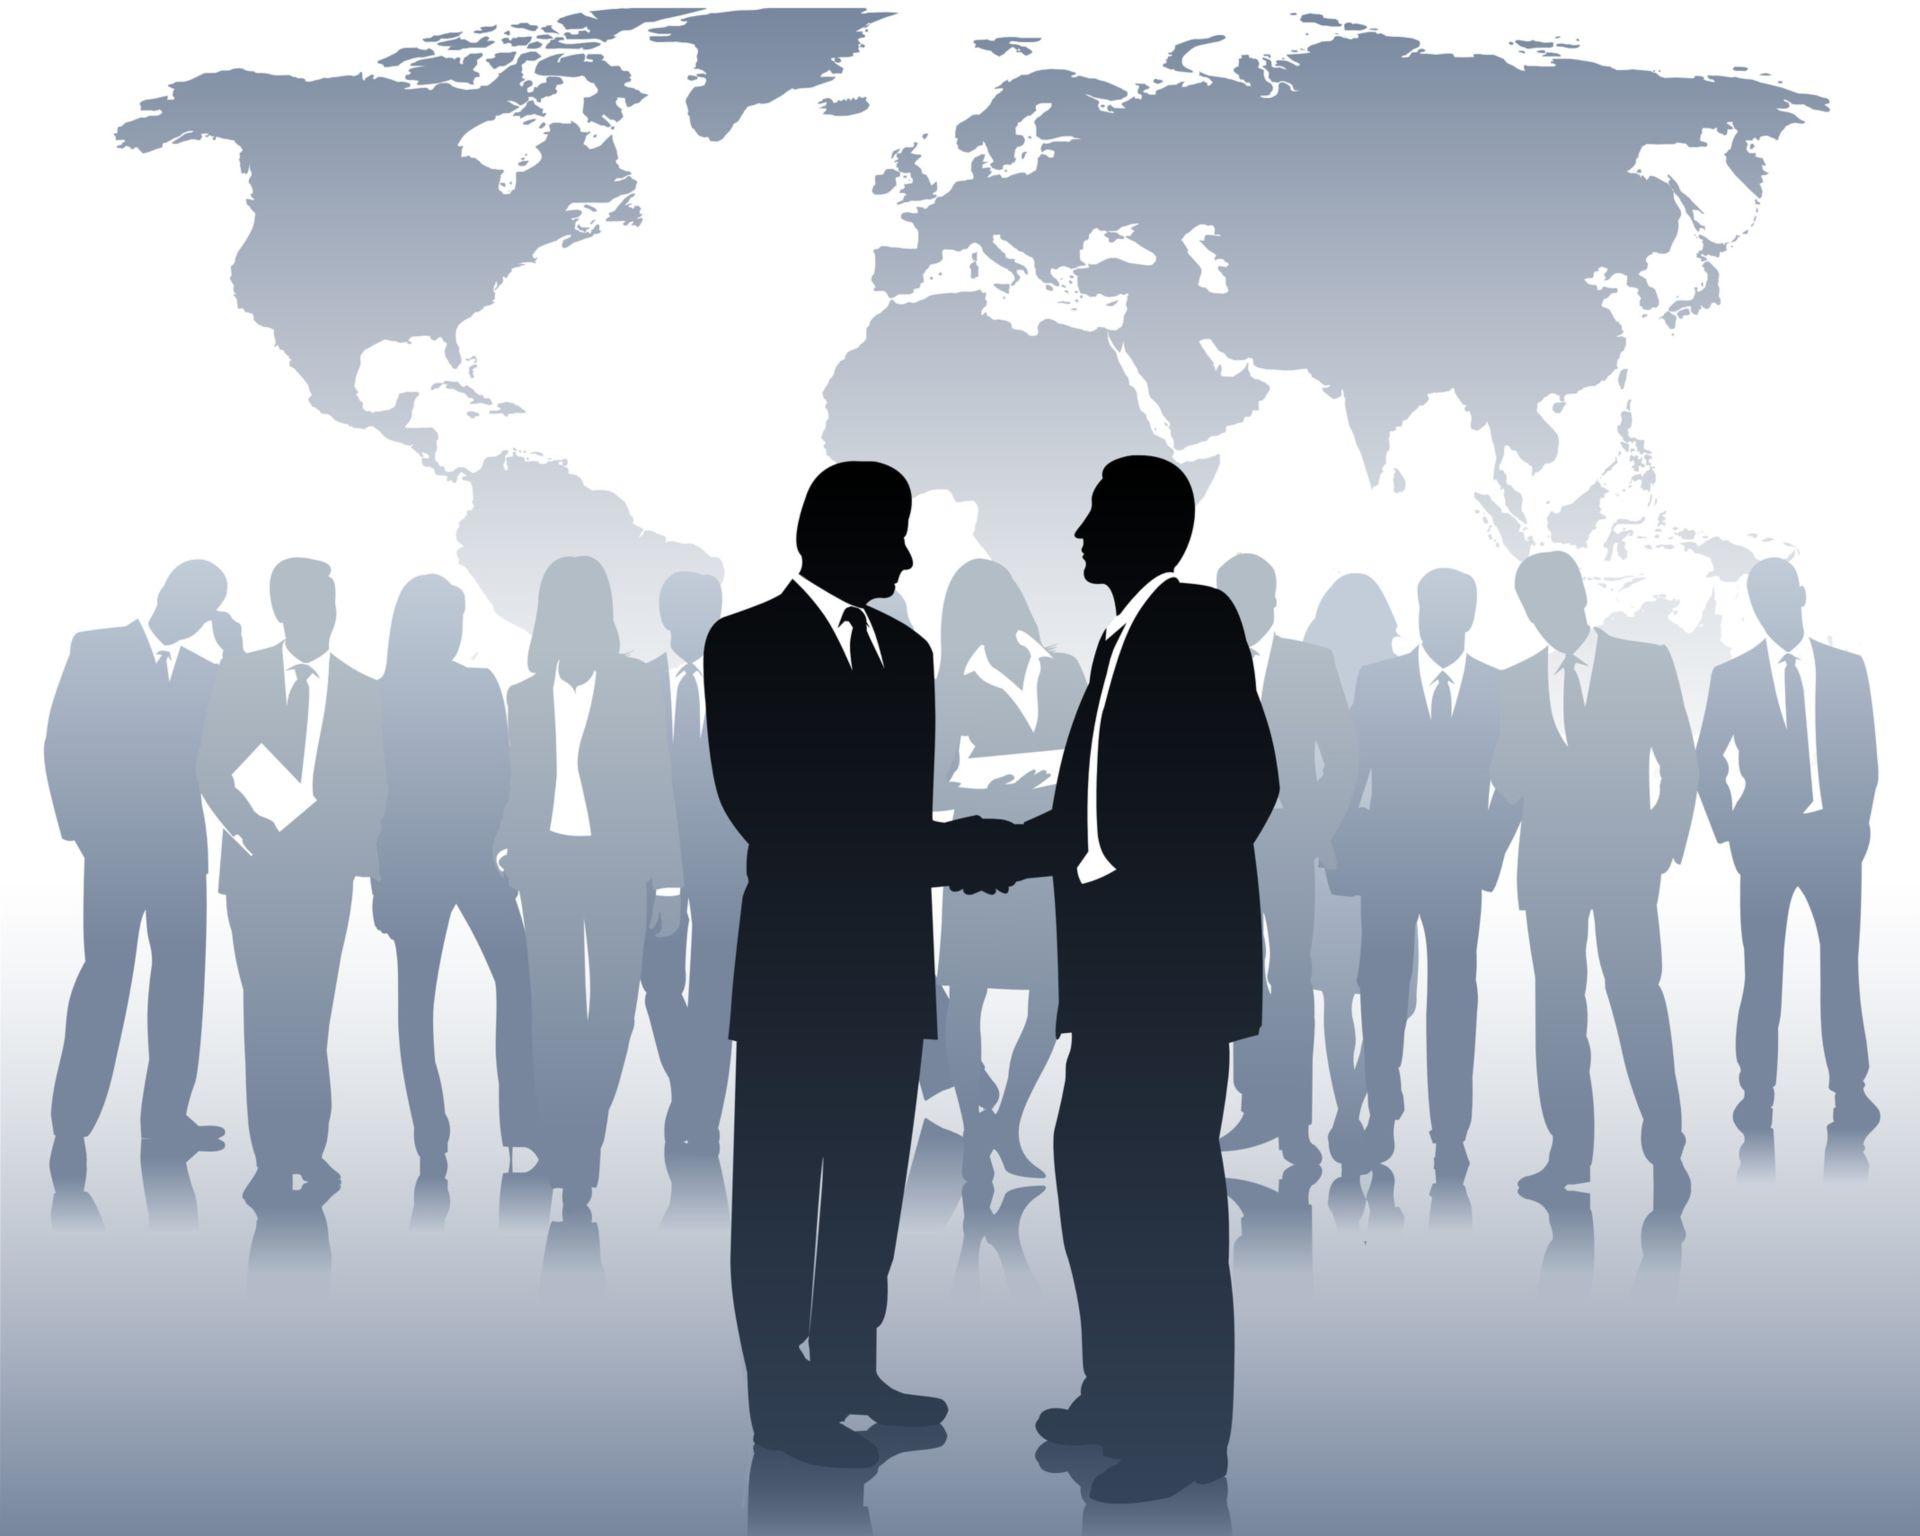 партнеры в бизнесе картинки можно использовать качестве